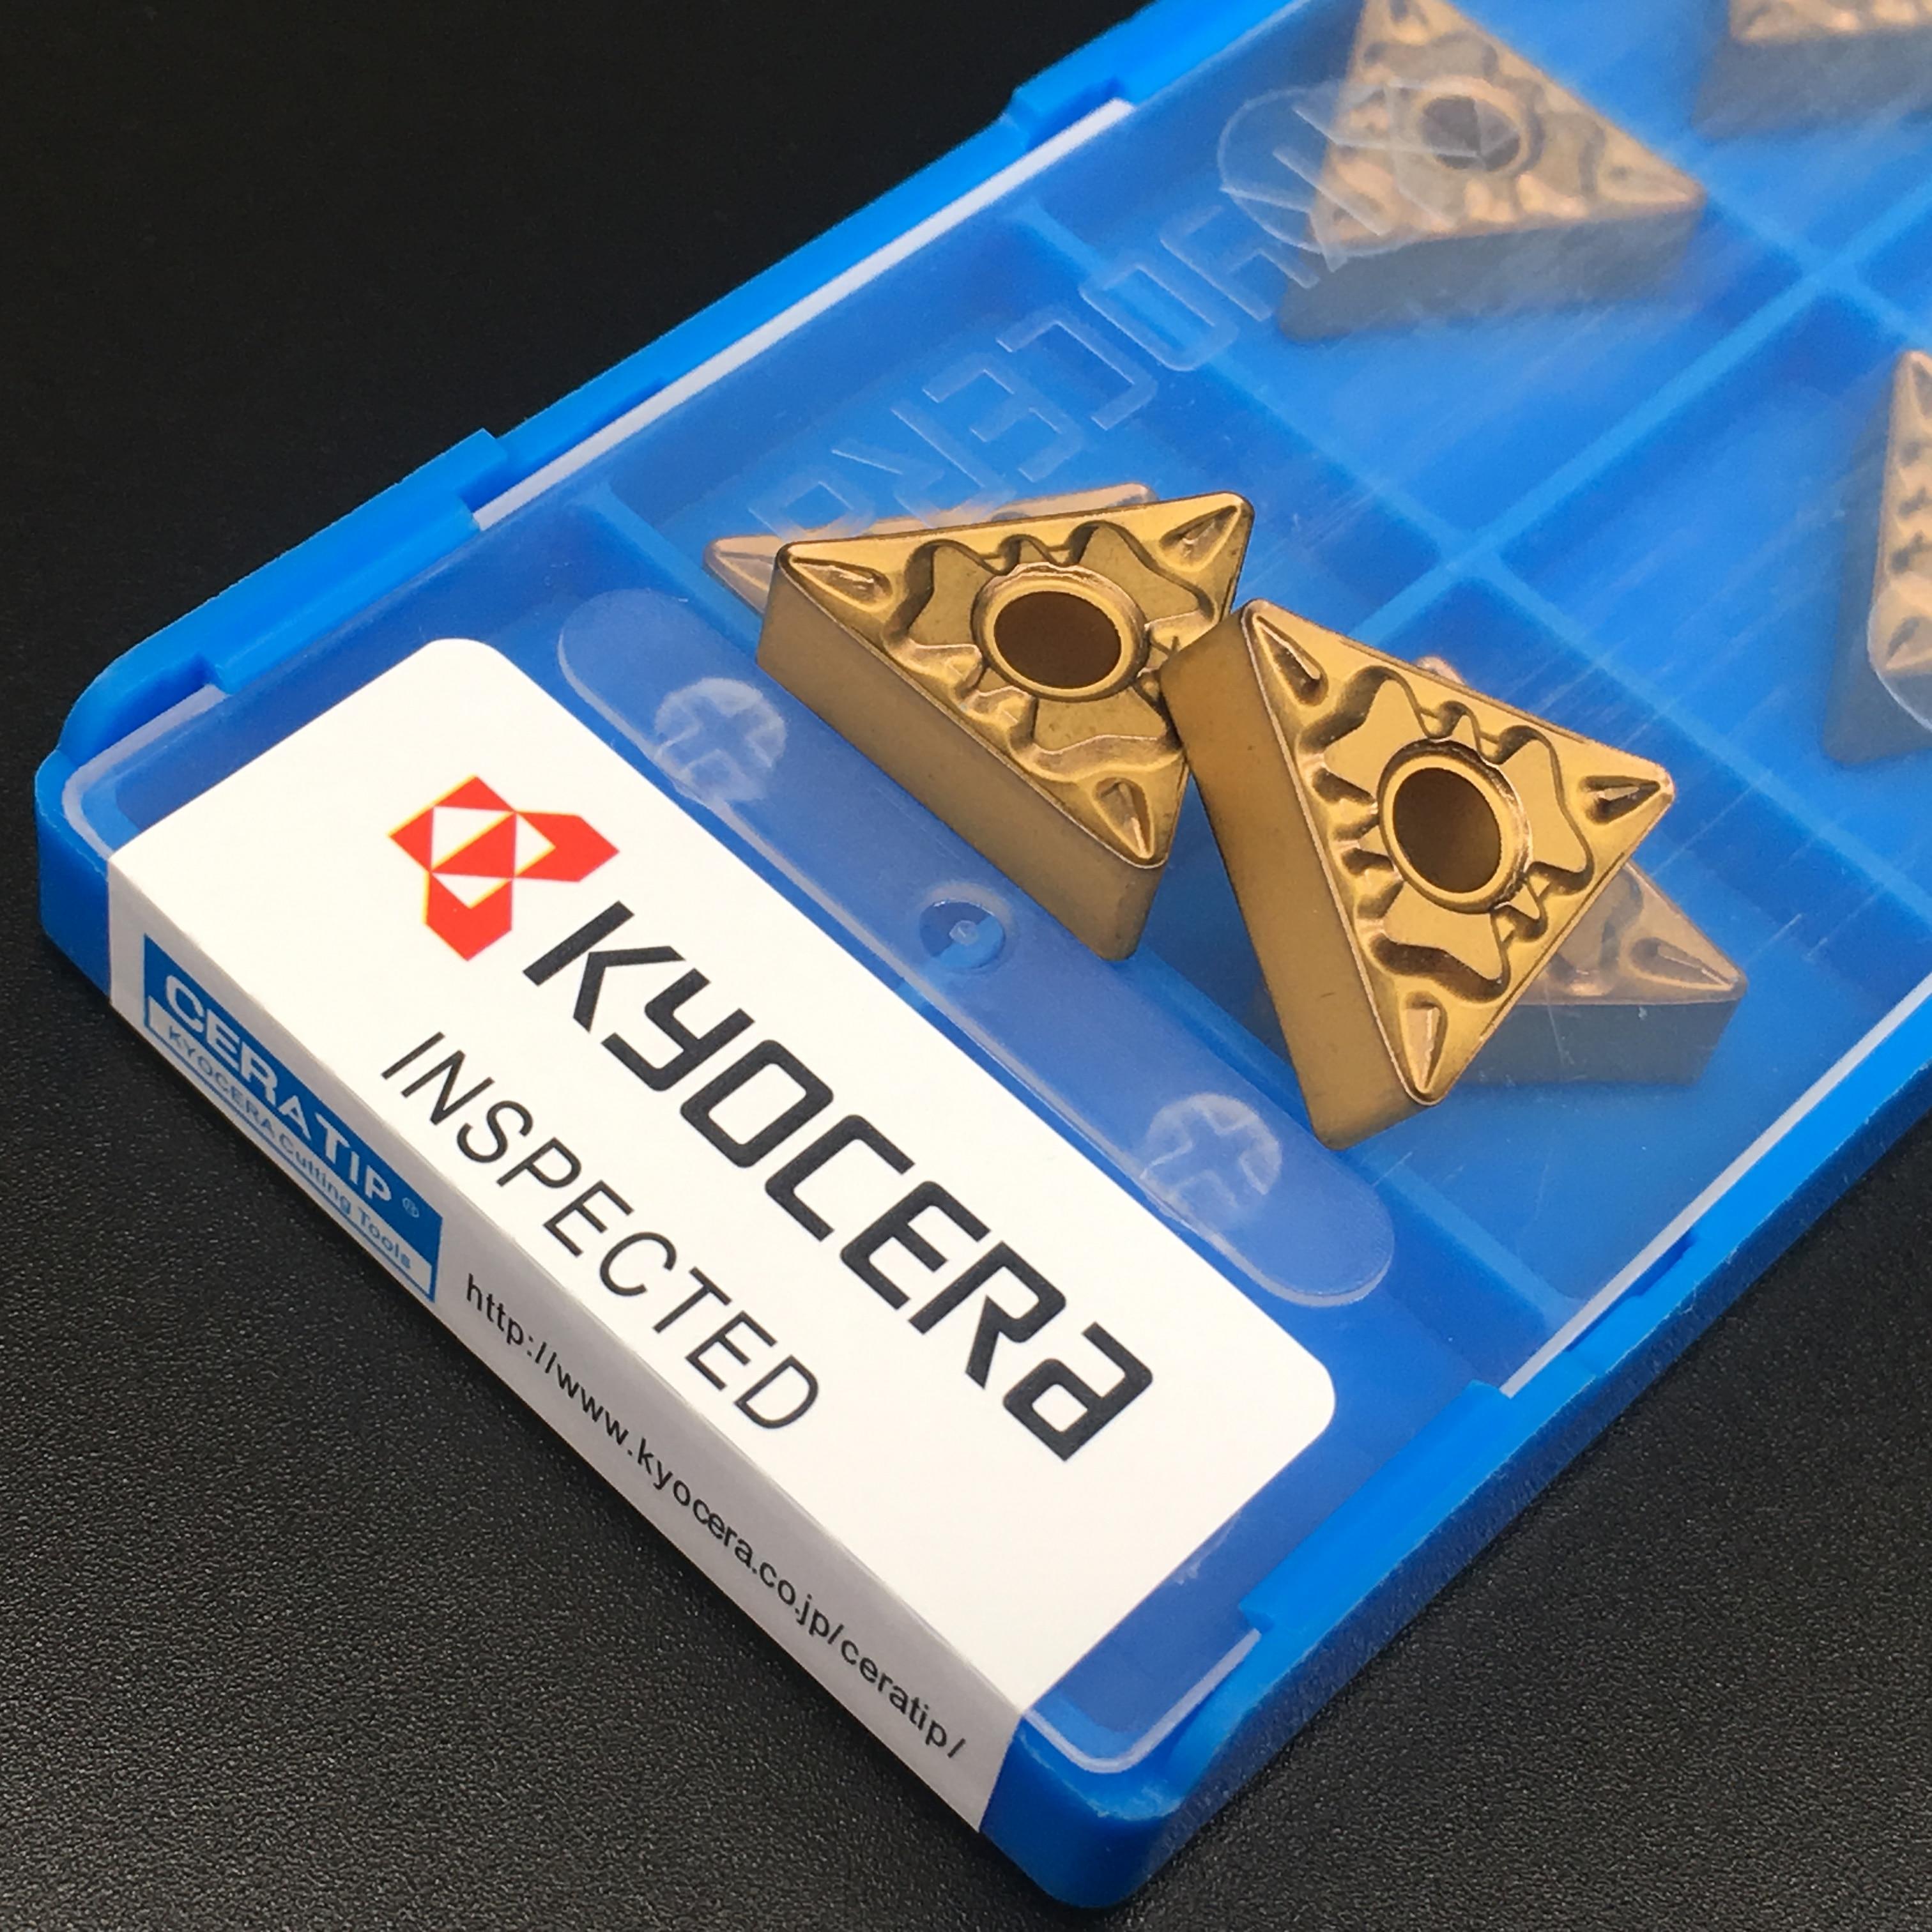 100% originales 10 Uds TNMG160408 HQ CA5525 piezas de acero de alta calidad insertos de carburo herramientas de torneado exterior CNC herramientas de torno